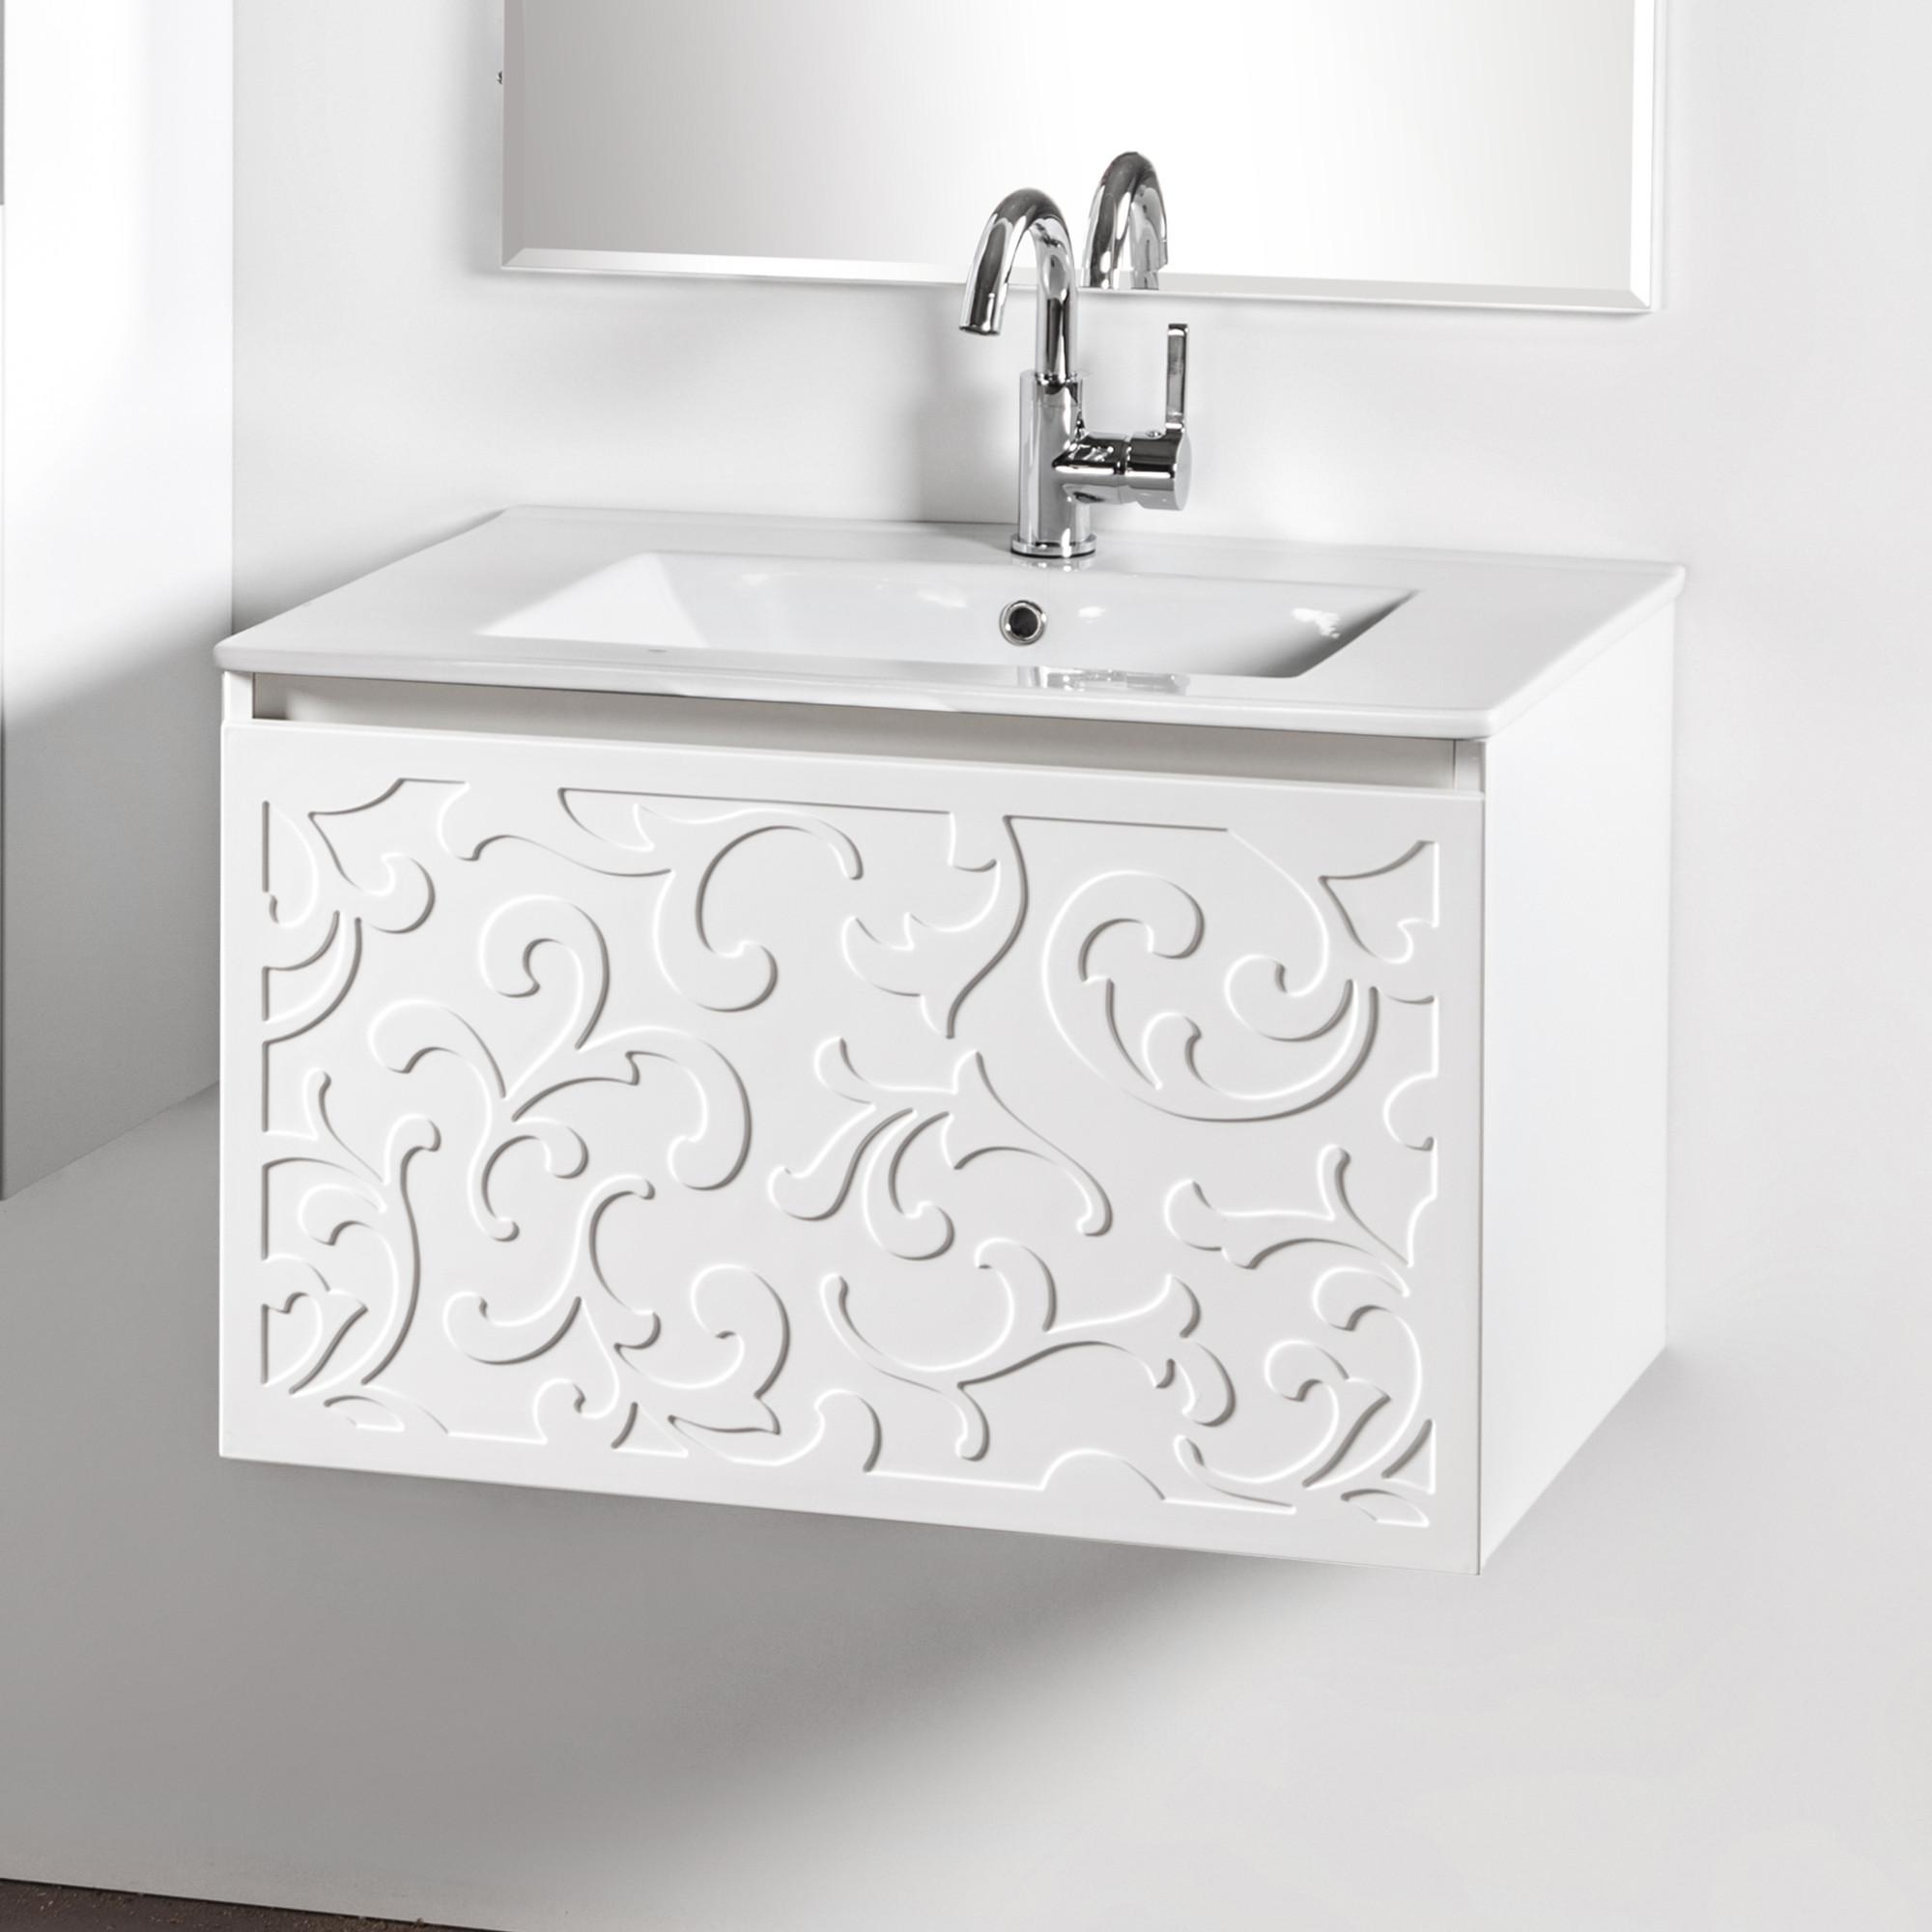 Szafka łazienkowa Sanitti Floro 70 cm z umywalką UMW-70